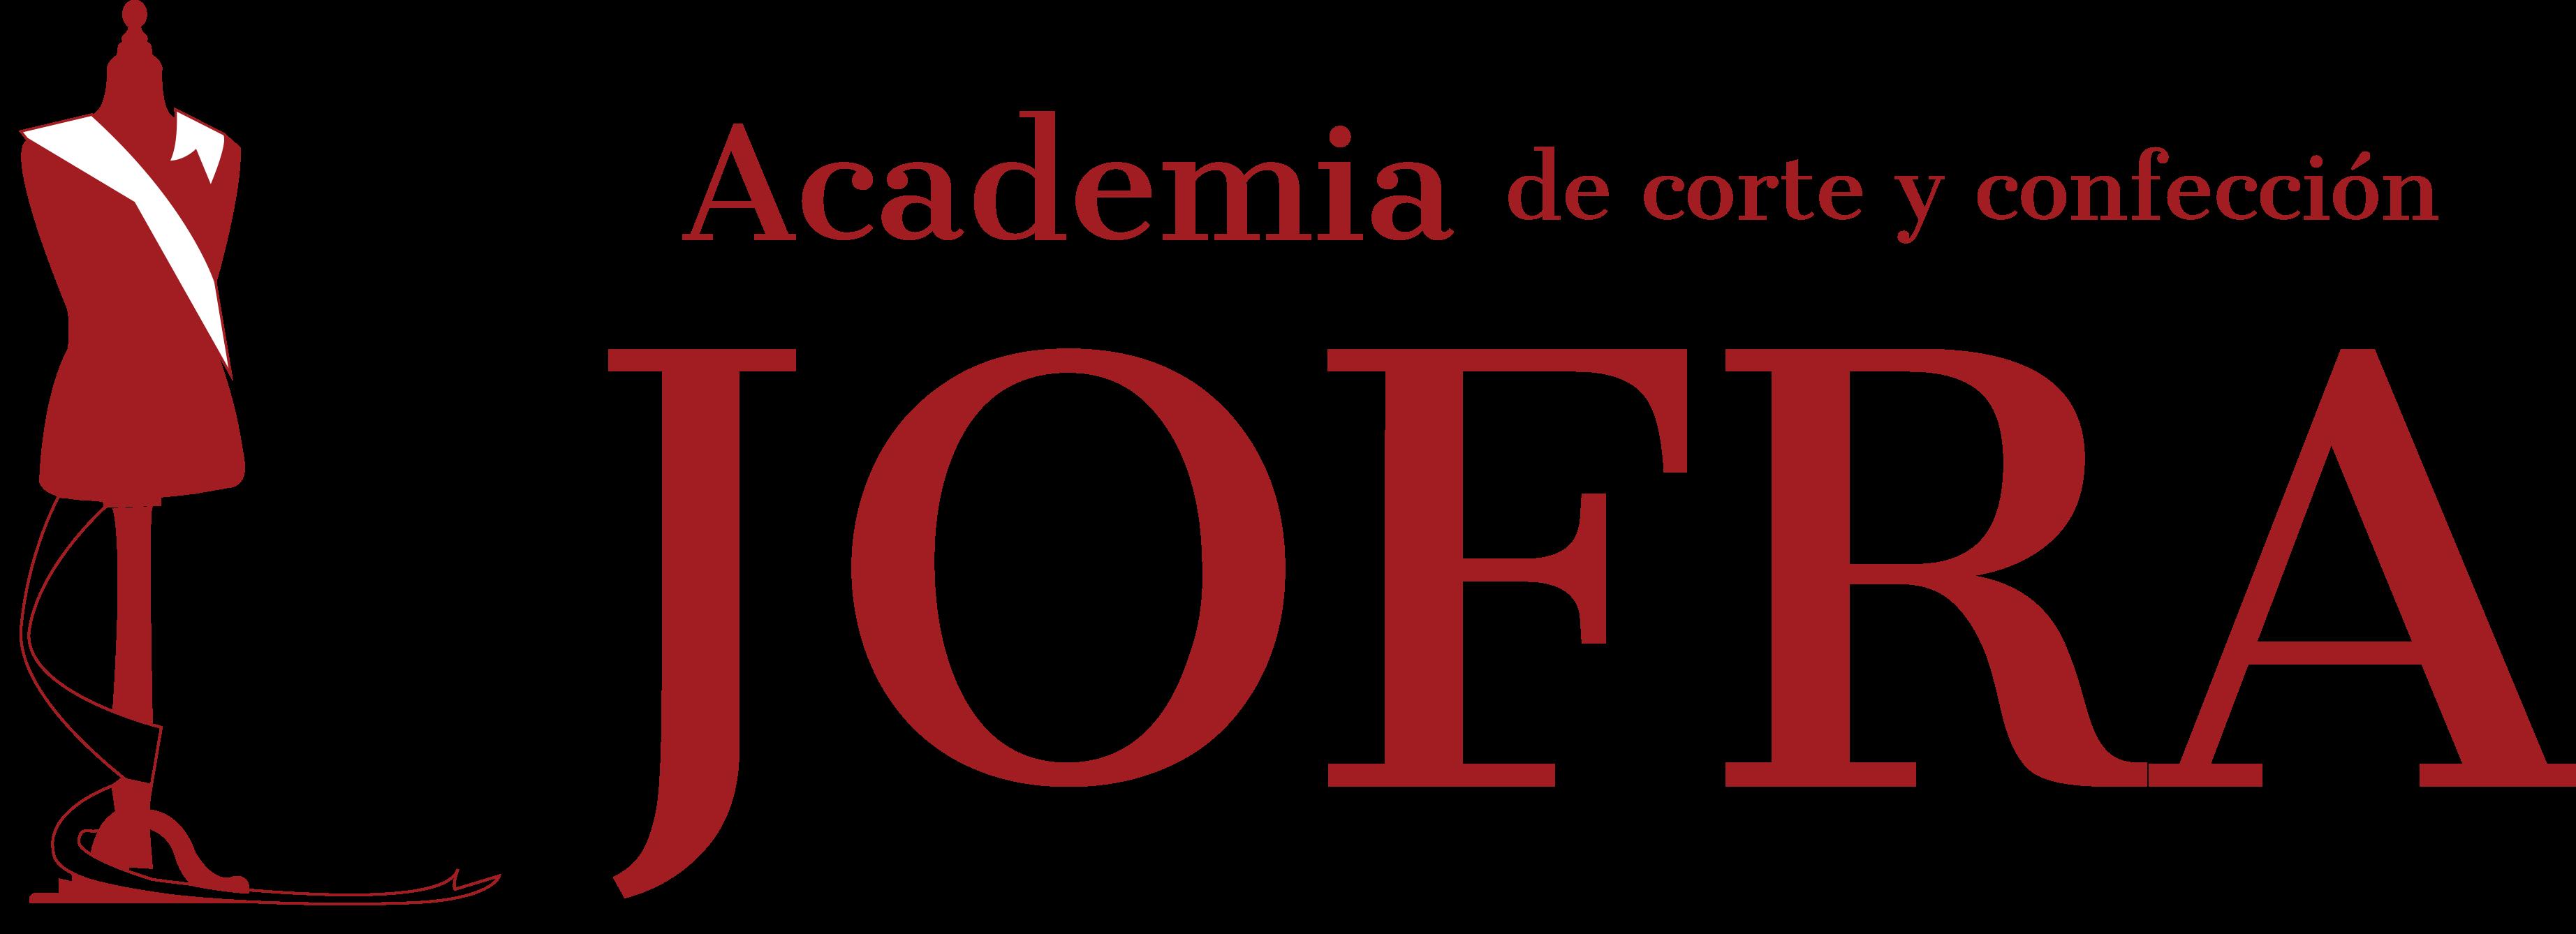 Academia Jofra Corte y Confección